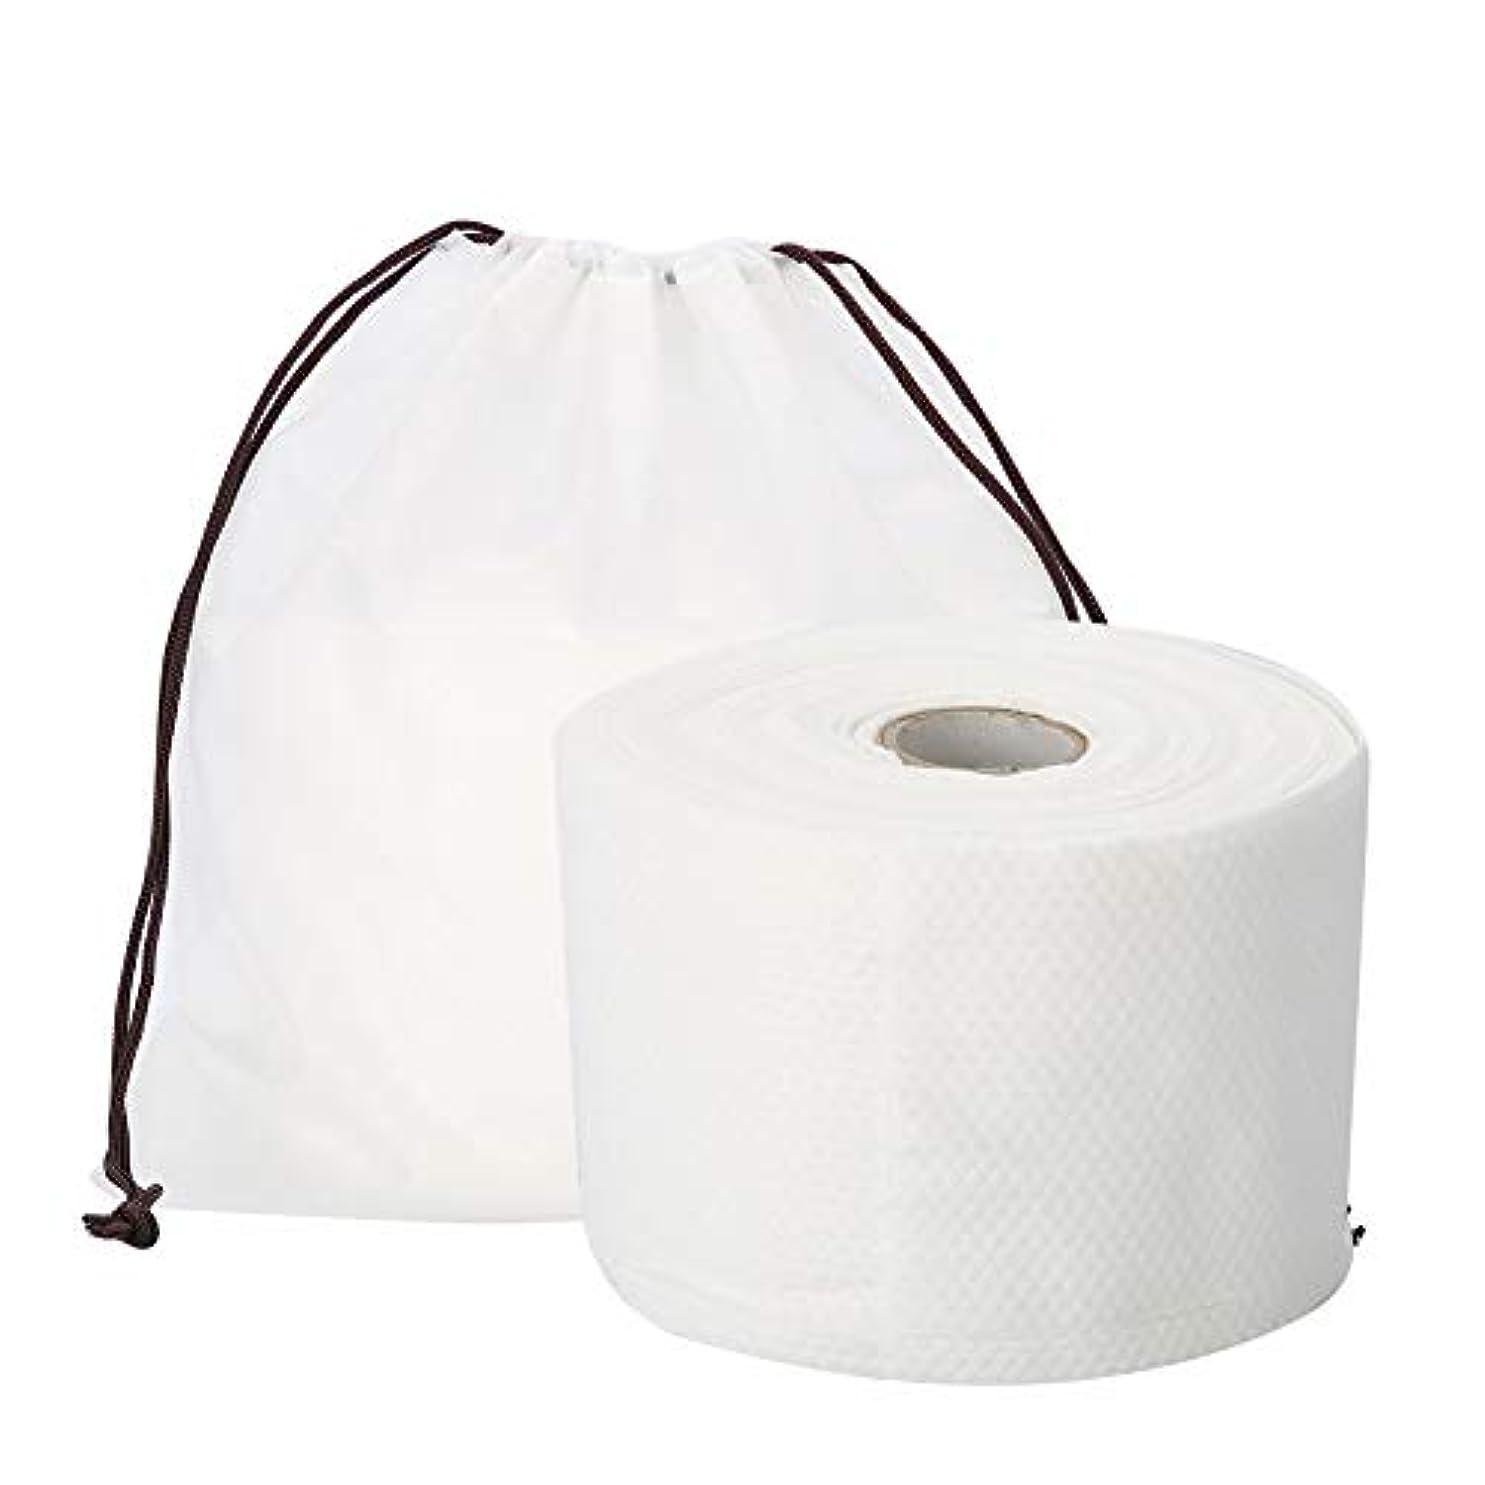 有名なロビー対応Semmeの使い捨て可能なクリーニングのフェイスタオル、毛羽立ちのない綿パッドの構造使い捨て可能なフェイスタオルの柔らかいNonwovenのクリーニングの化粧品の綿パッド25m